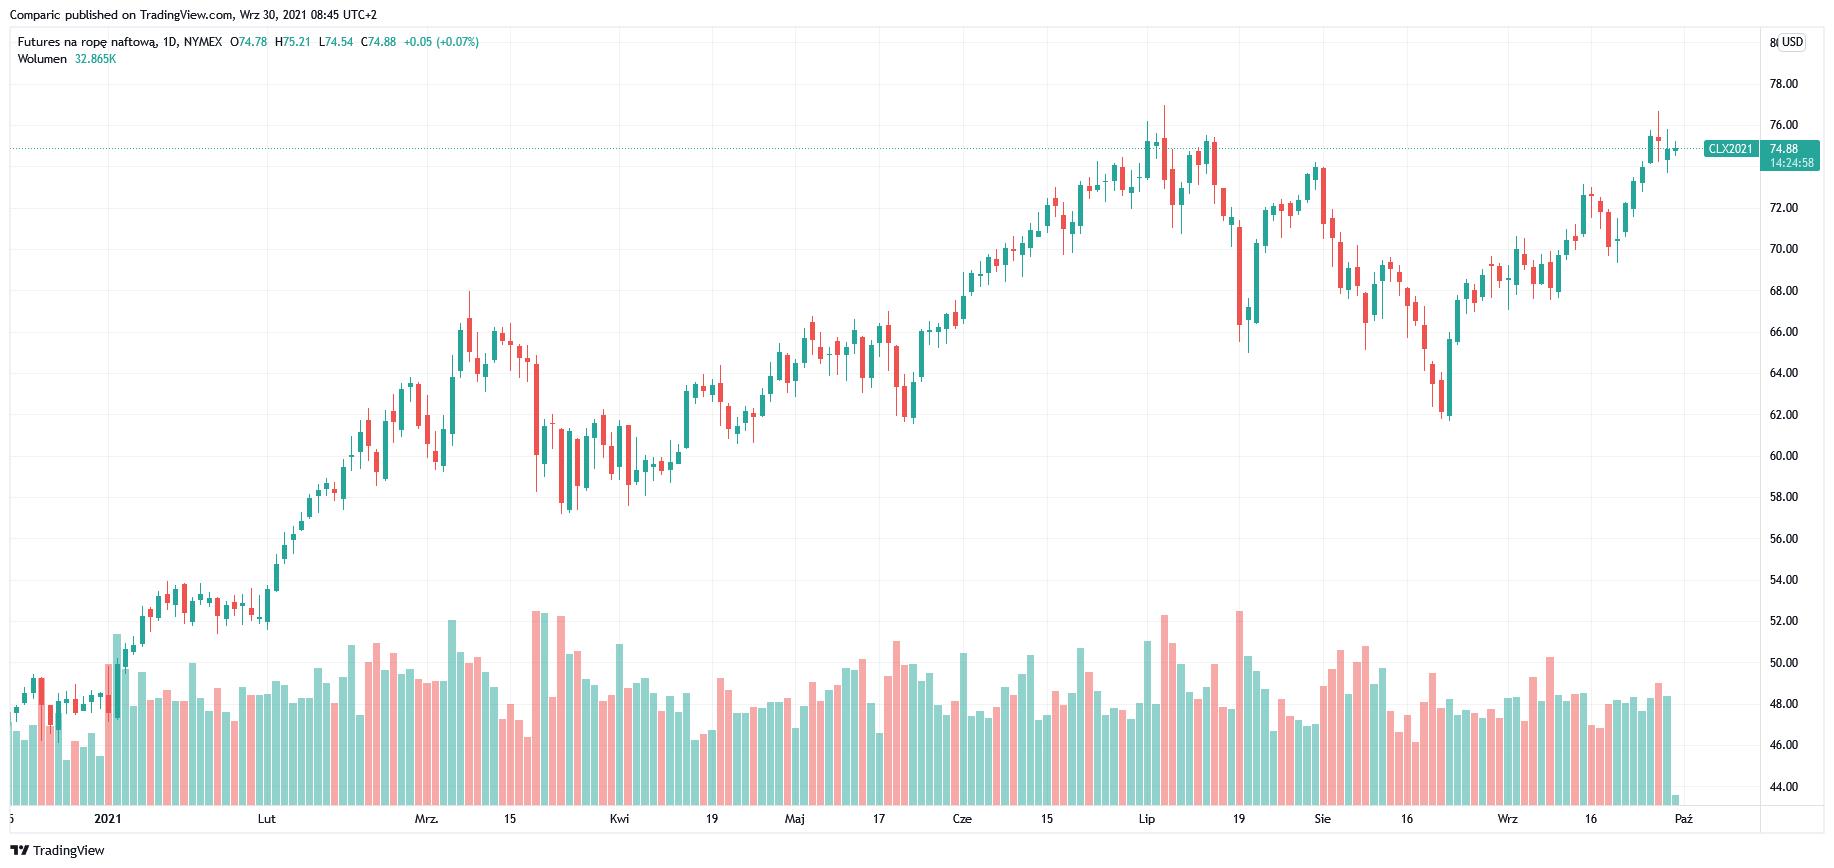 Cena ropy WTI w górę pomimo niespodziewanego zwiększenia się rezerw w USA